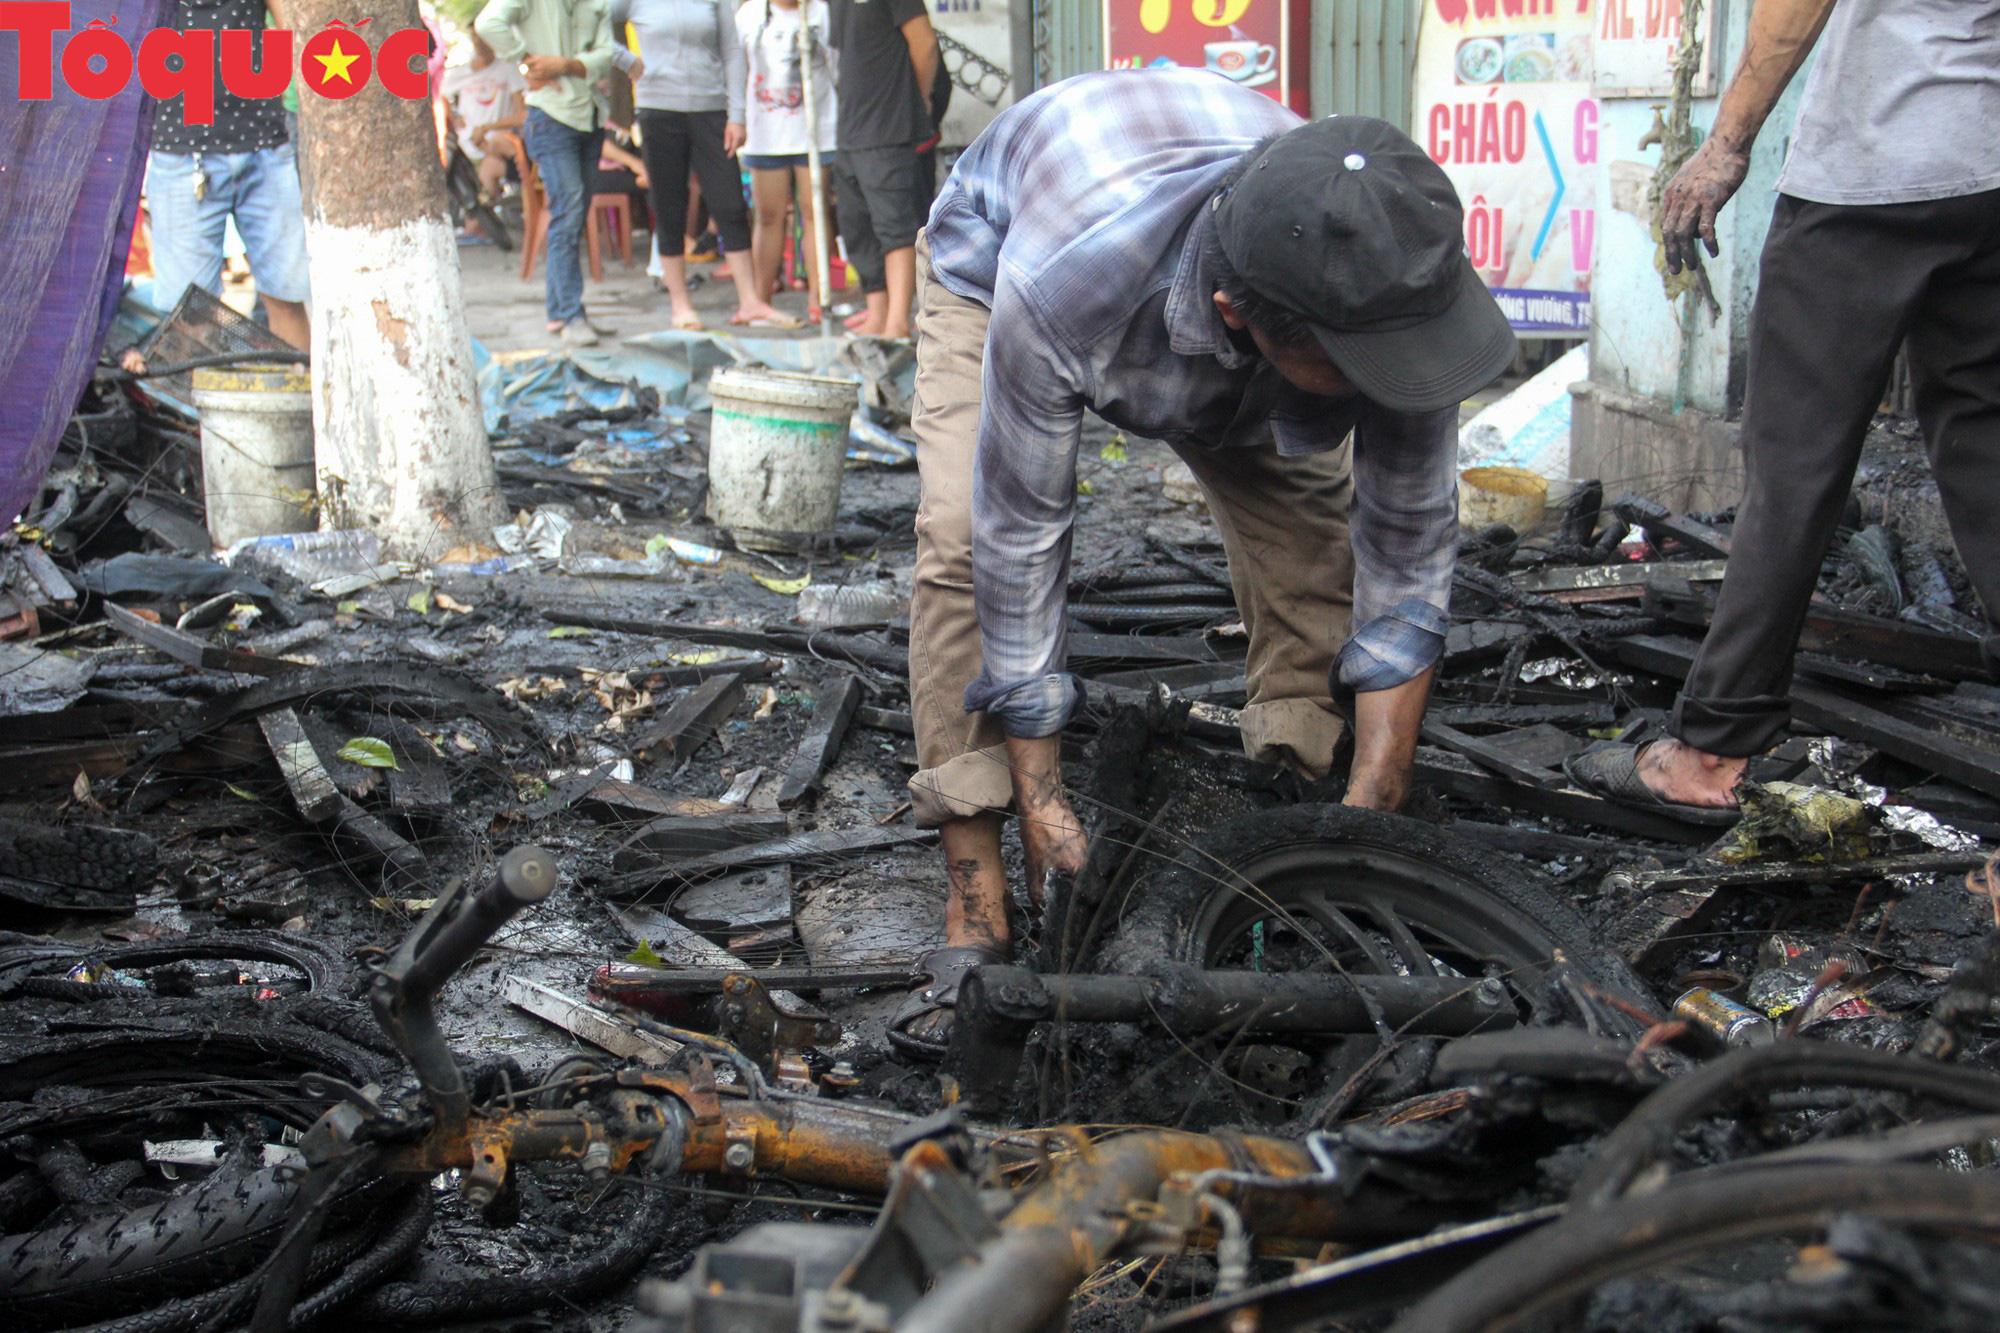 Hình ảnh hiện trường vụ hỏa hoạn khiến 3 người trong một gia đình tử vong thương tâm - Ảnh 10.